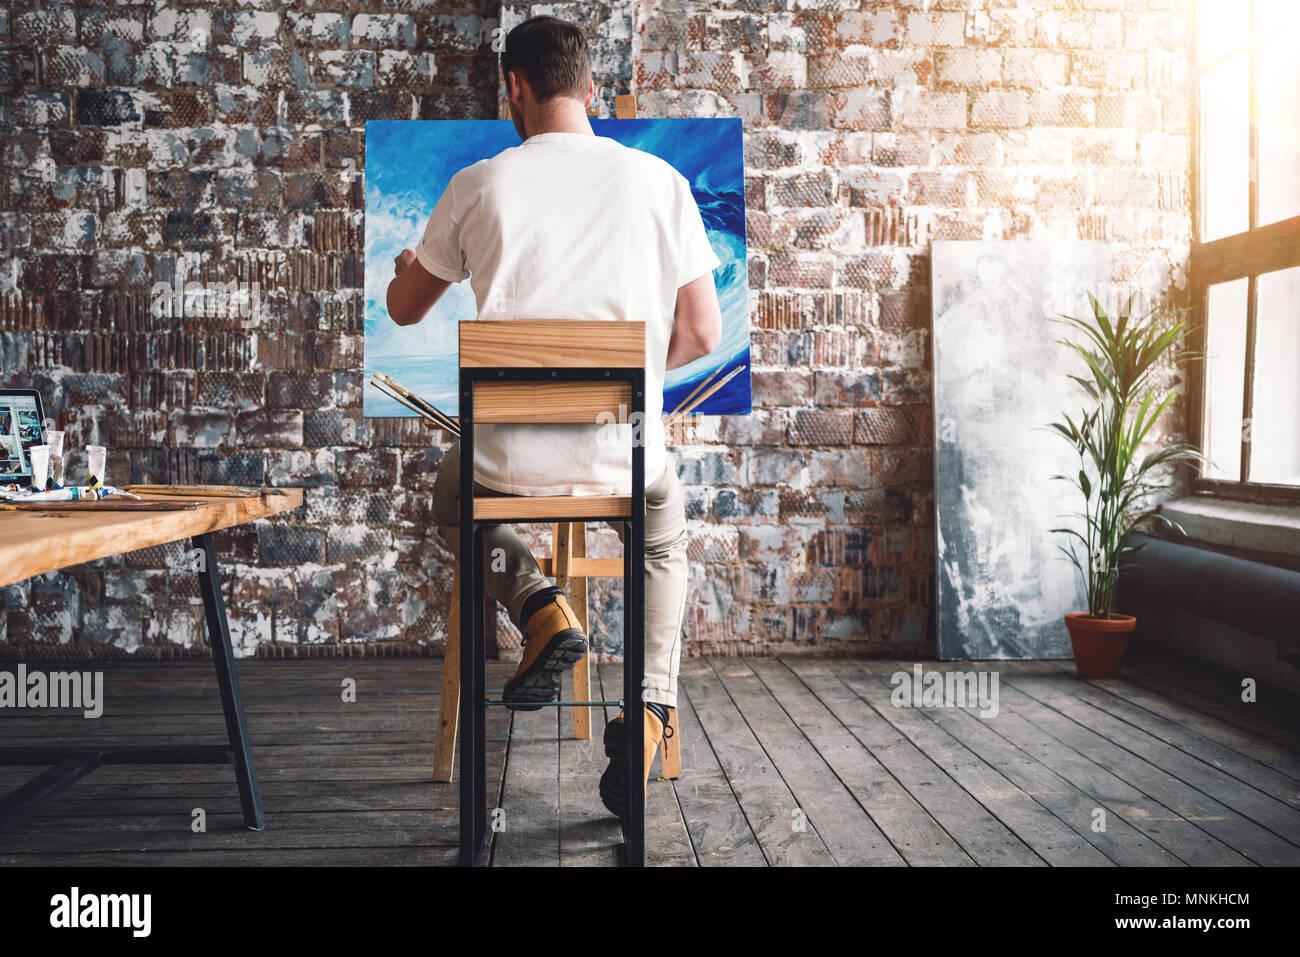 Pintor masculino se sienta en silla enfrente del lienzo de dibujo y fotografía en estudio. La clase de arte y taller. El proceso de pintura de la artista. Hobby Foto de stock